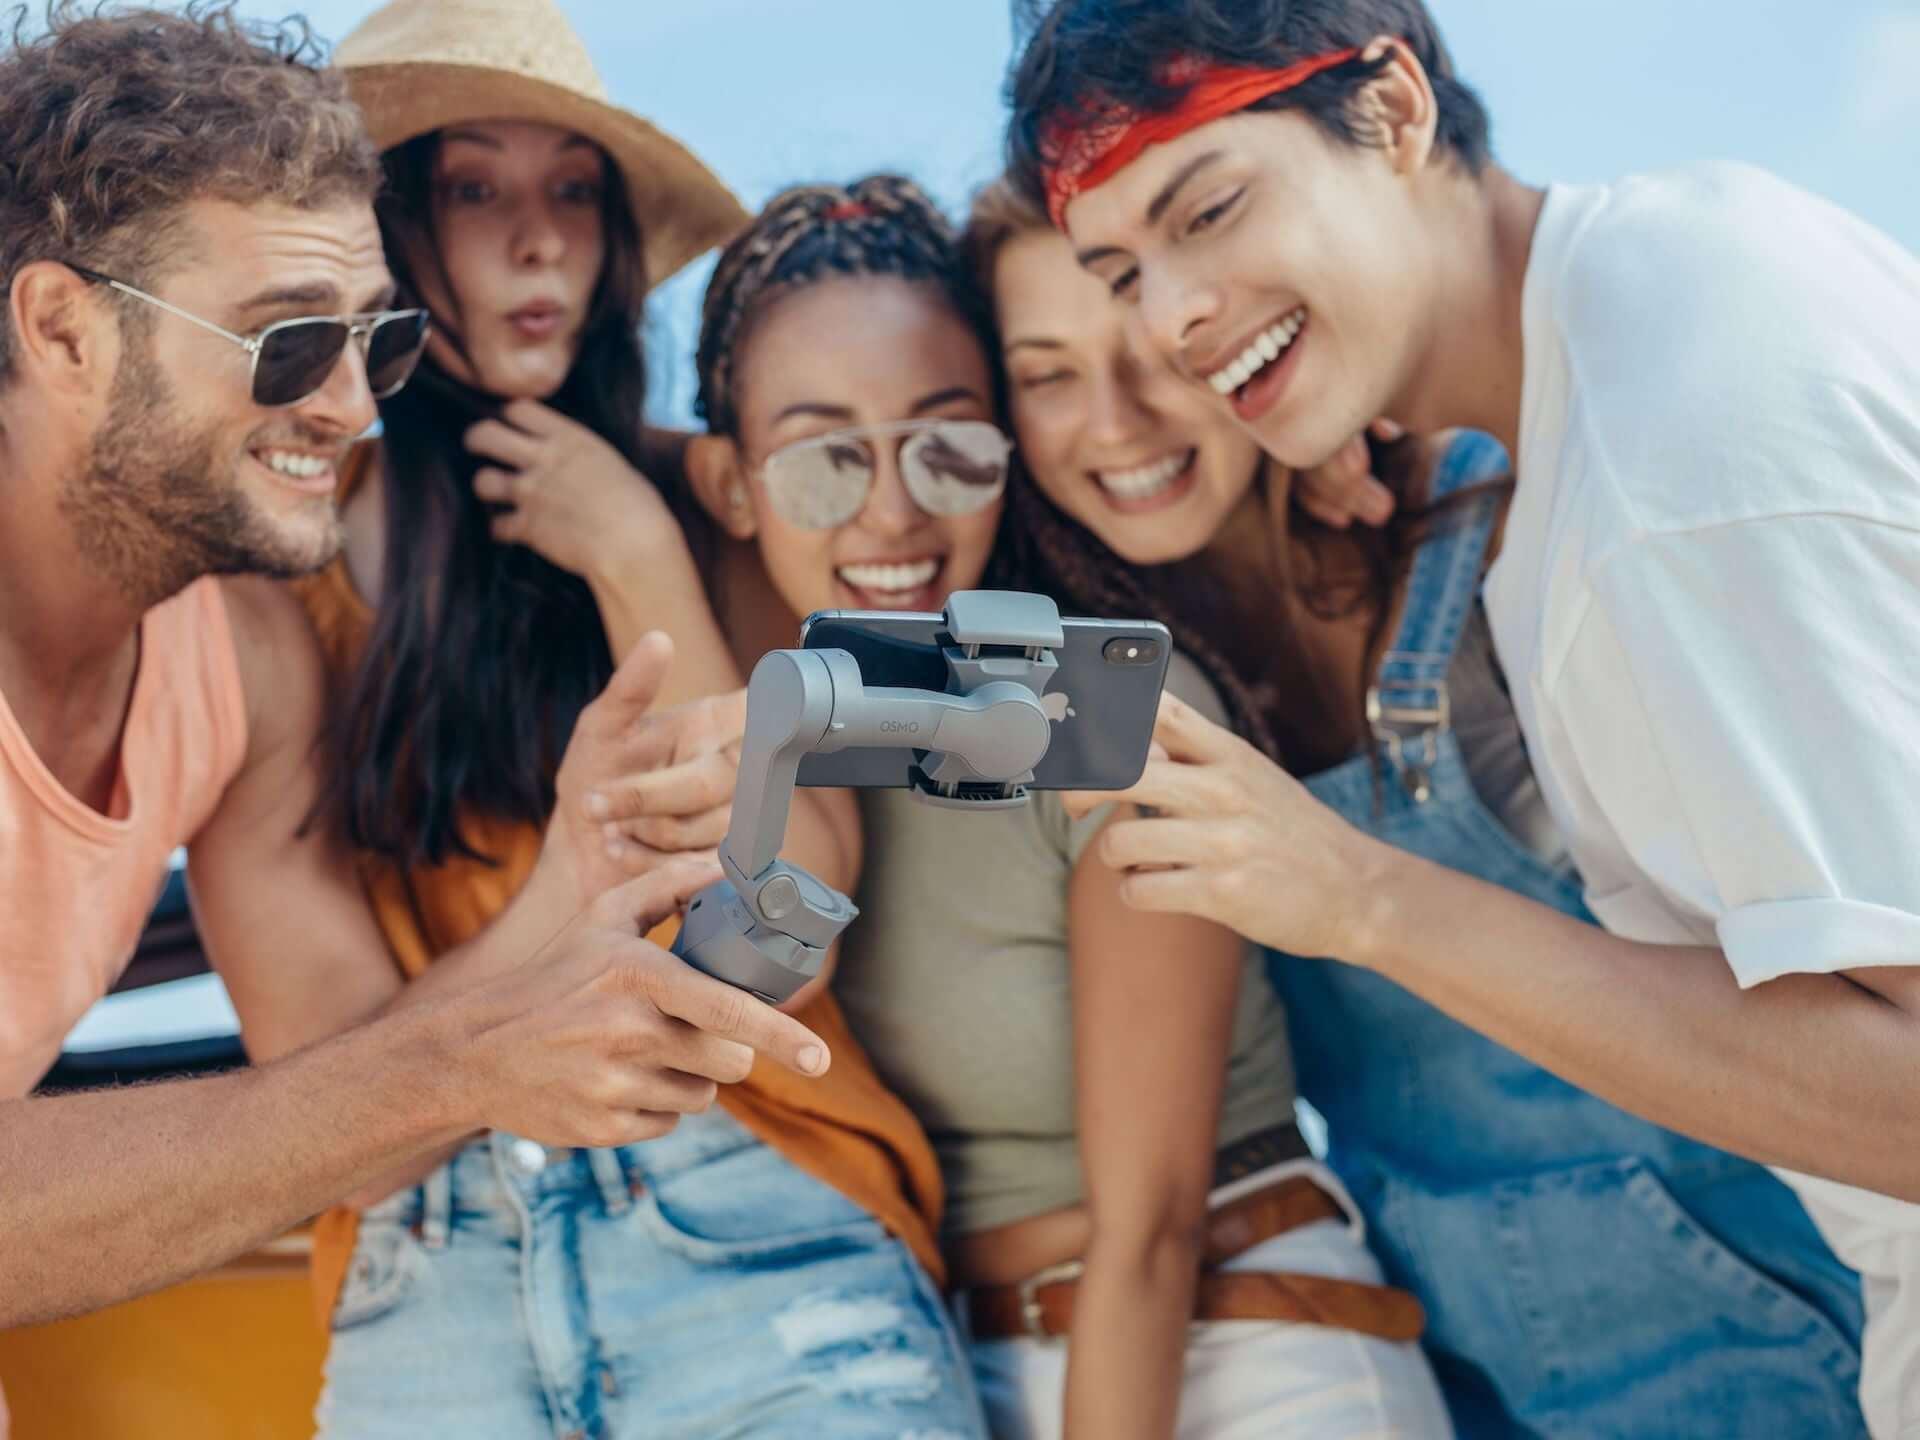 プロ並みの映像が撮れるかも!?DJI「Osmo Mobile 3」が登場|多機能な折りたたみ式スマホ用スタビライザー technology190814osmomobile_3-1920x1440